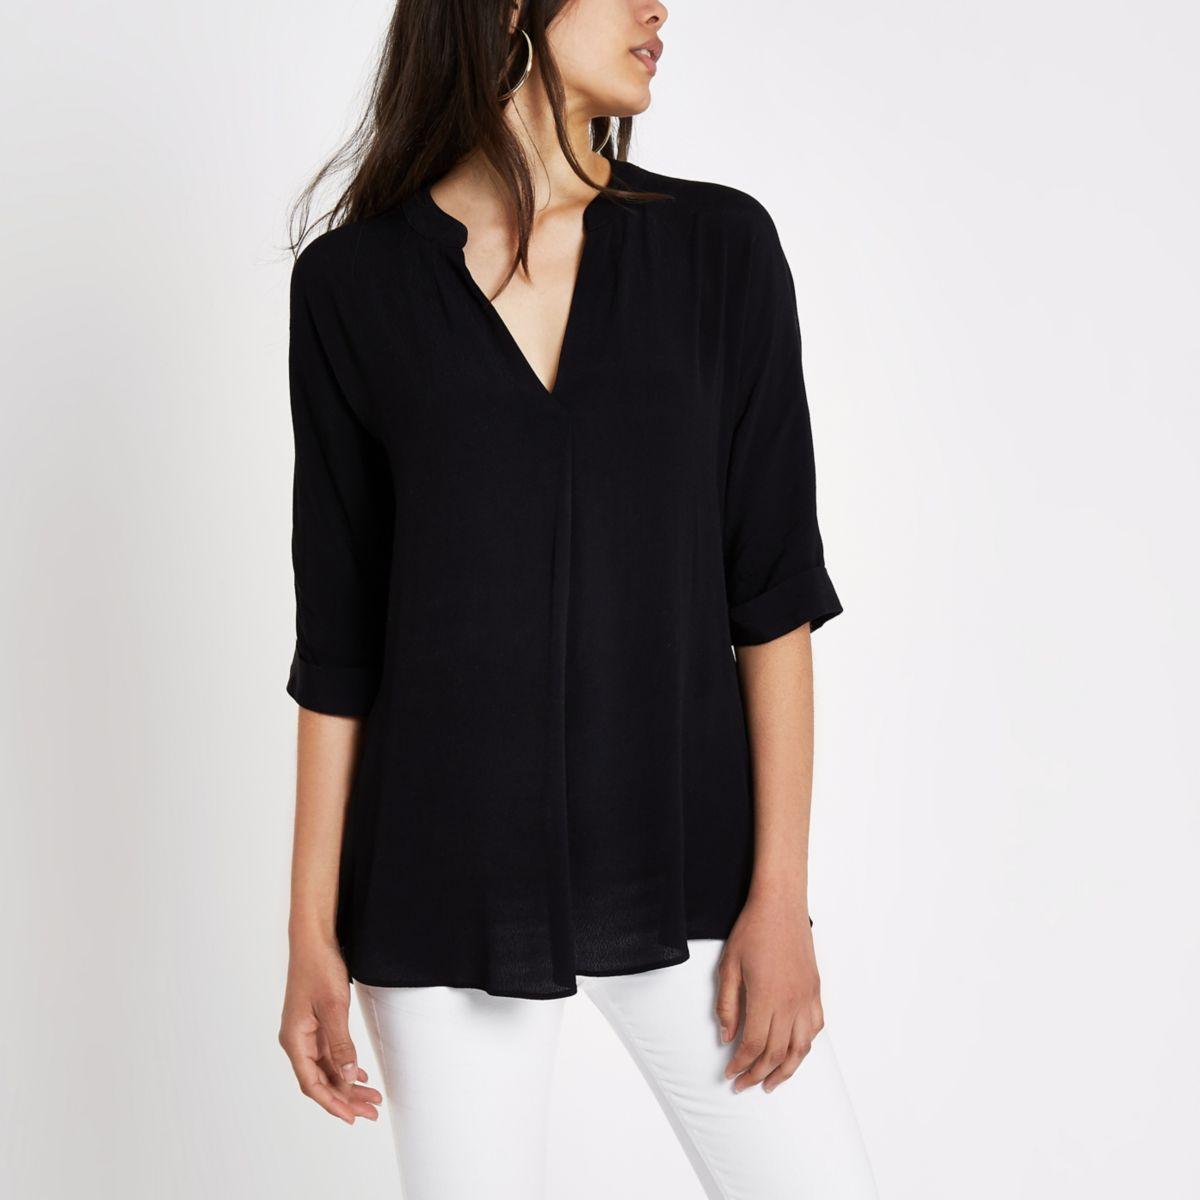 Schwarze, kurzärmelige Bluse